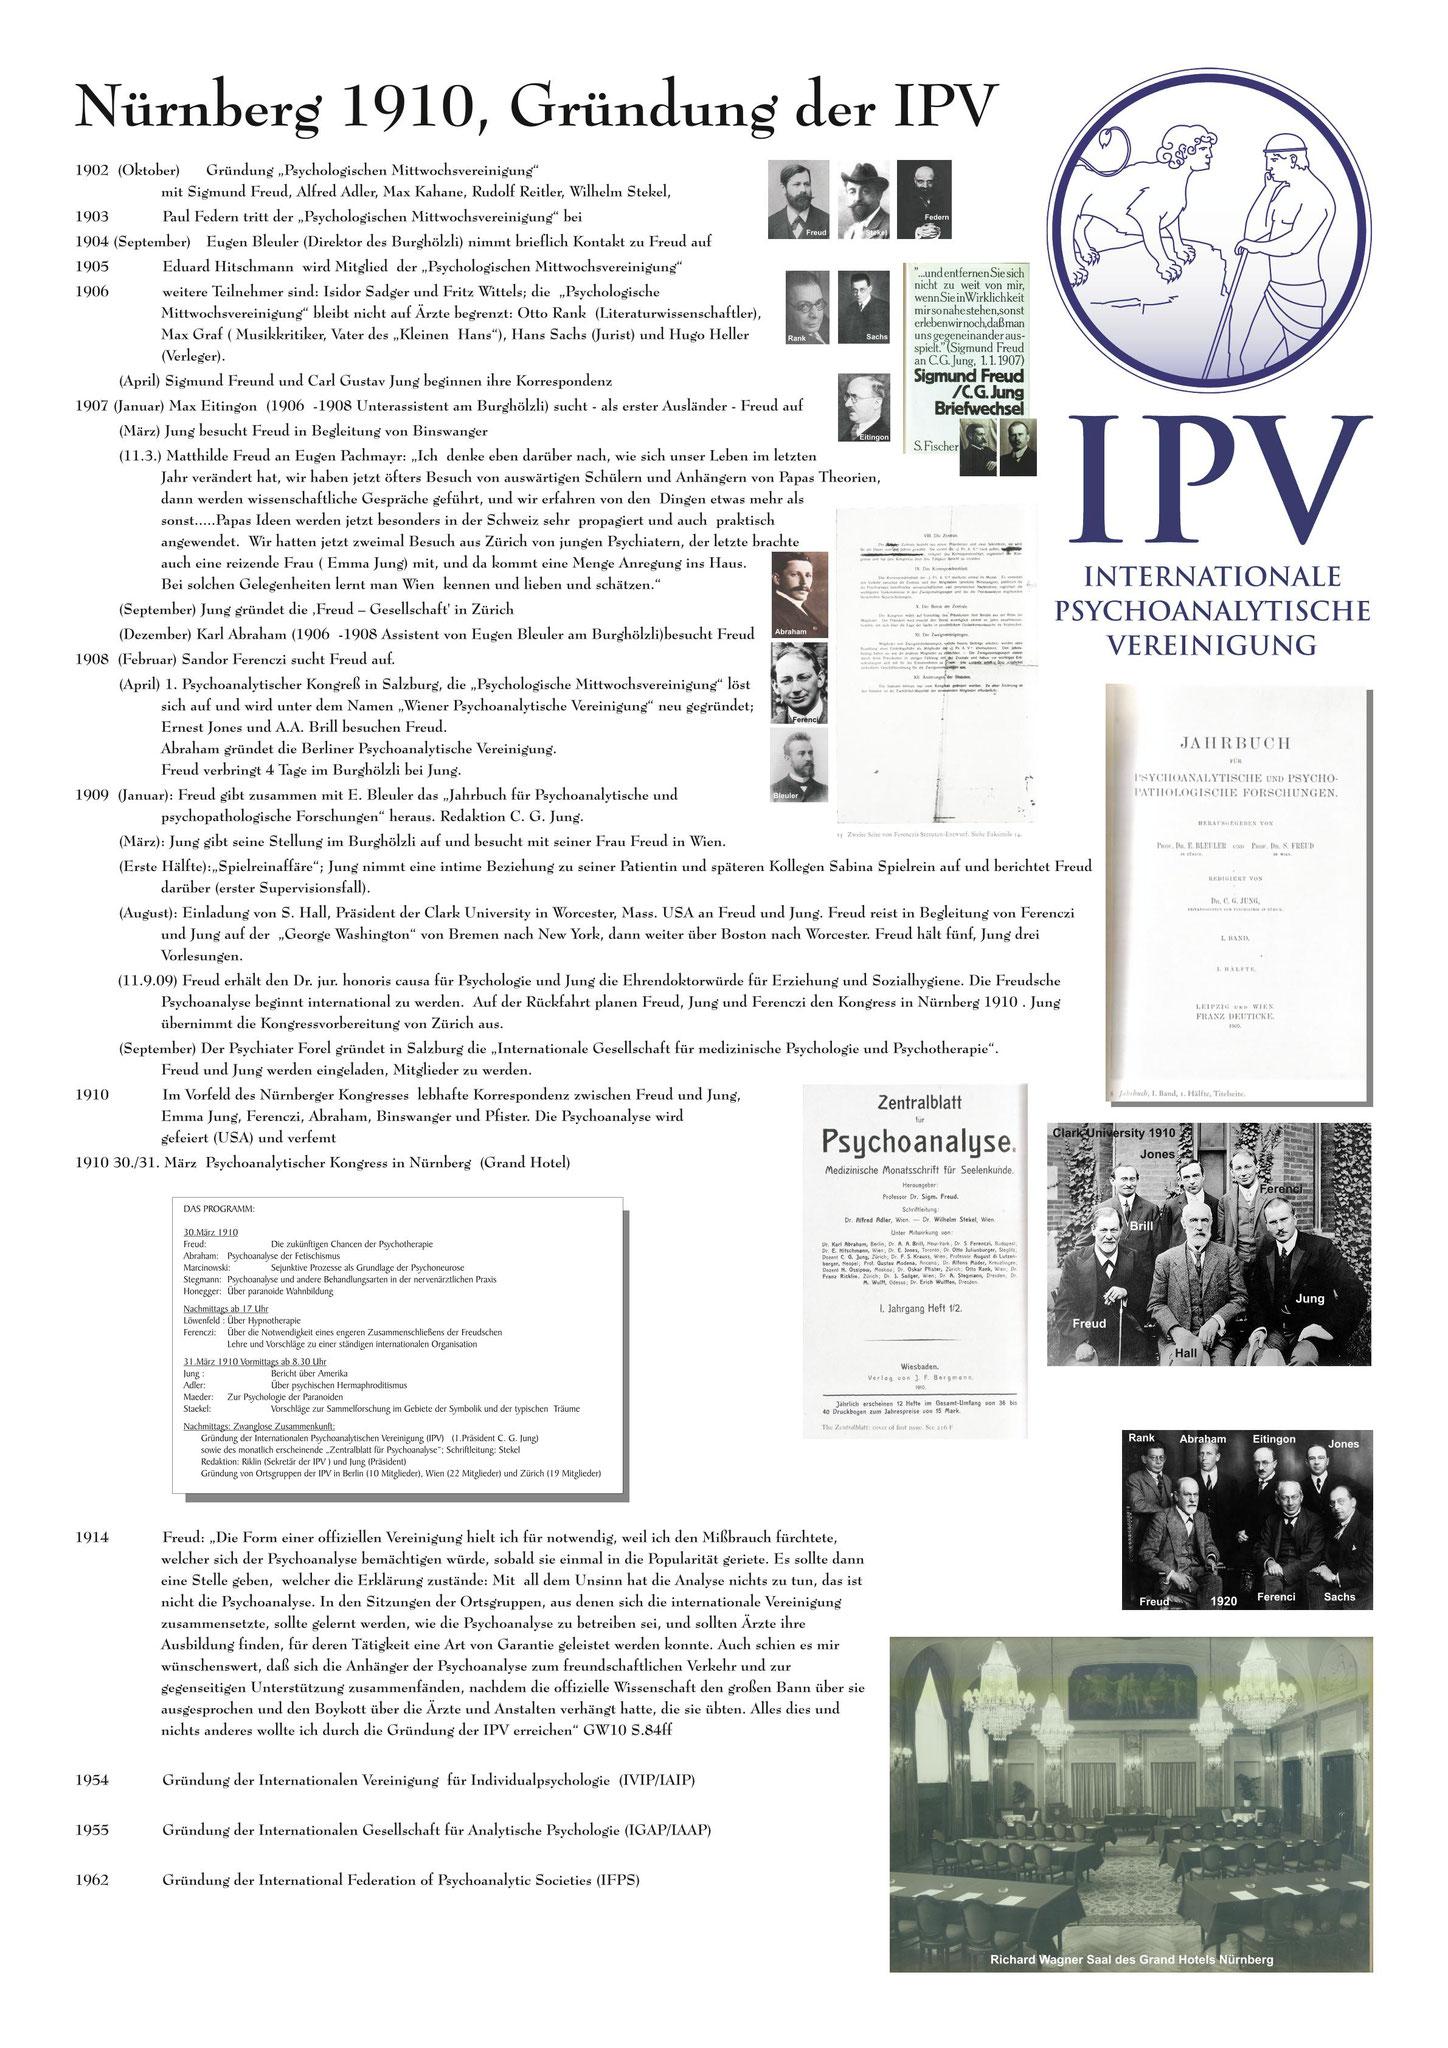 IPV-Gründung 1910 Nürnberg